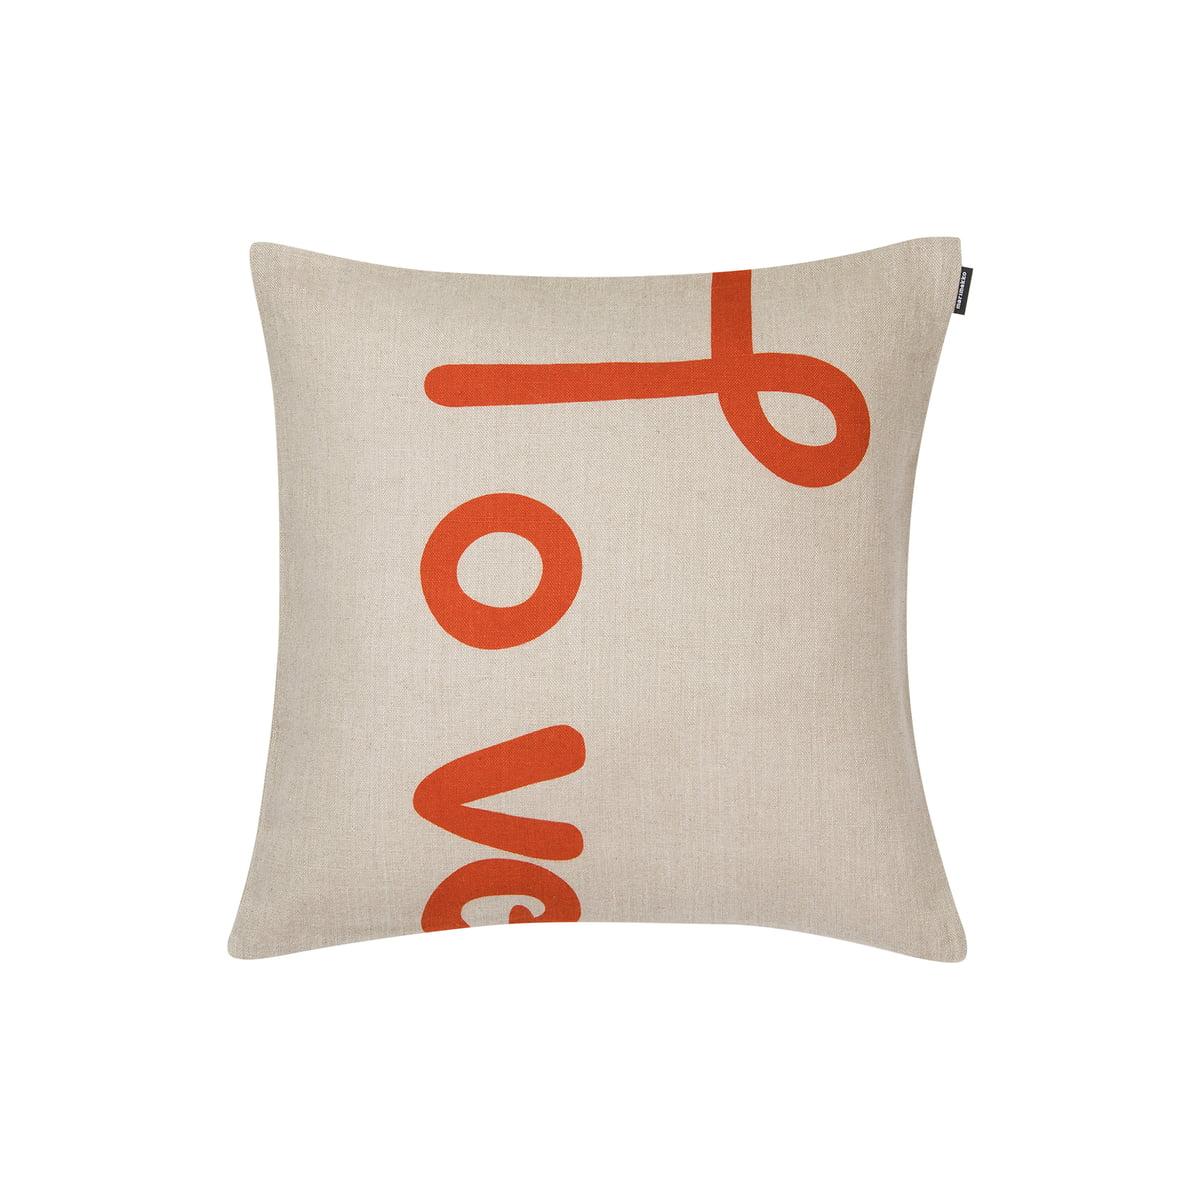 Marimekko Love Pillowcase 40 X 40 Cm Orange Beige Autumnwinter 2019